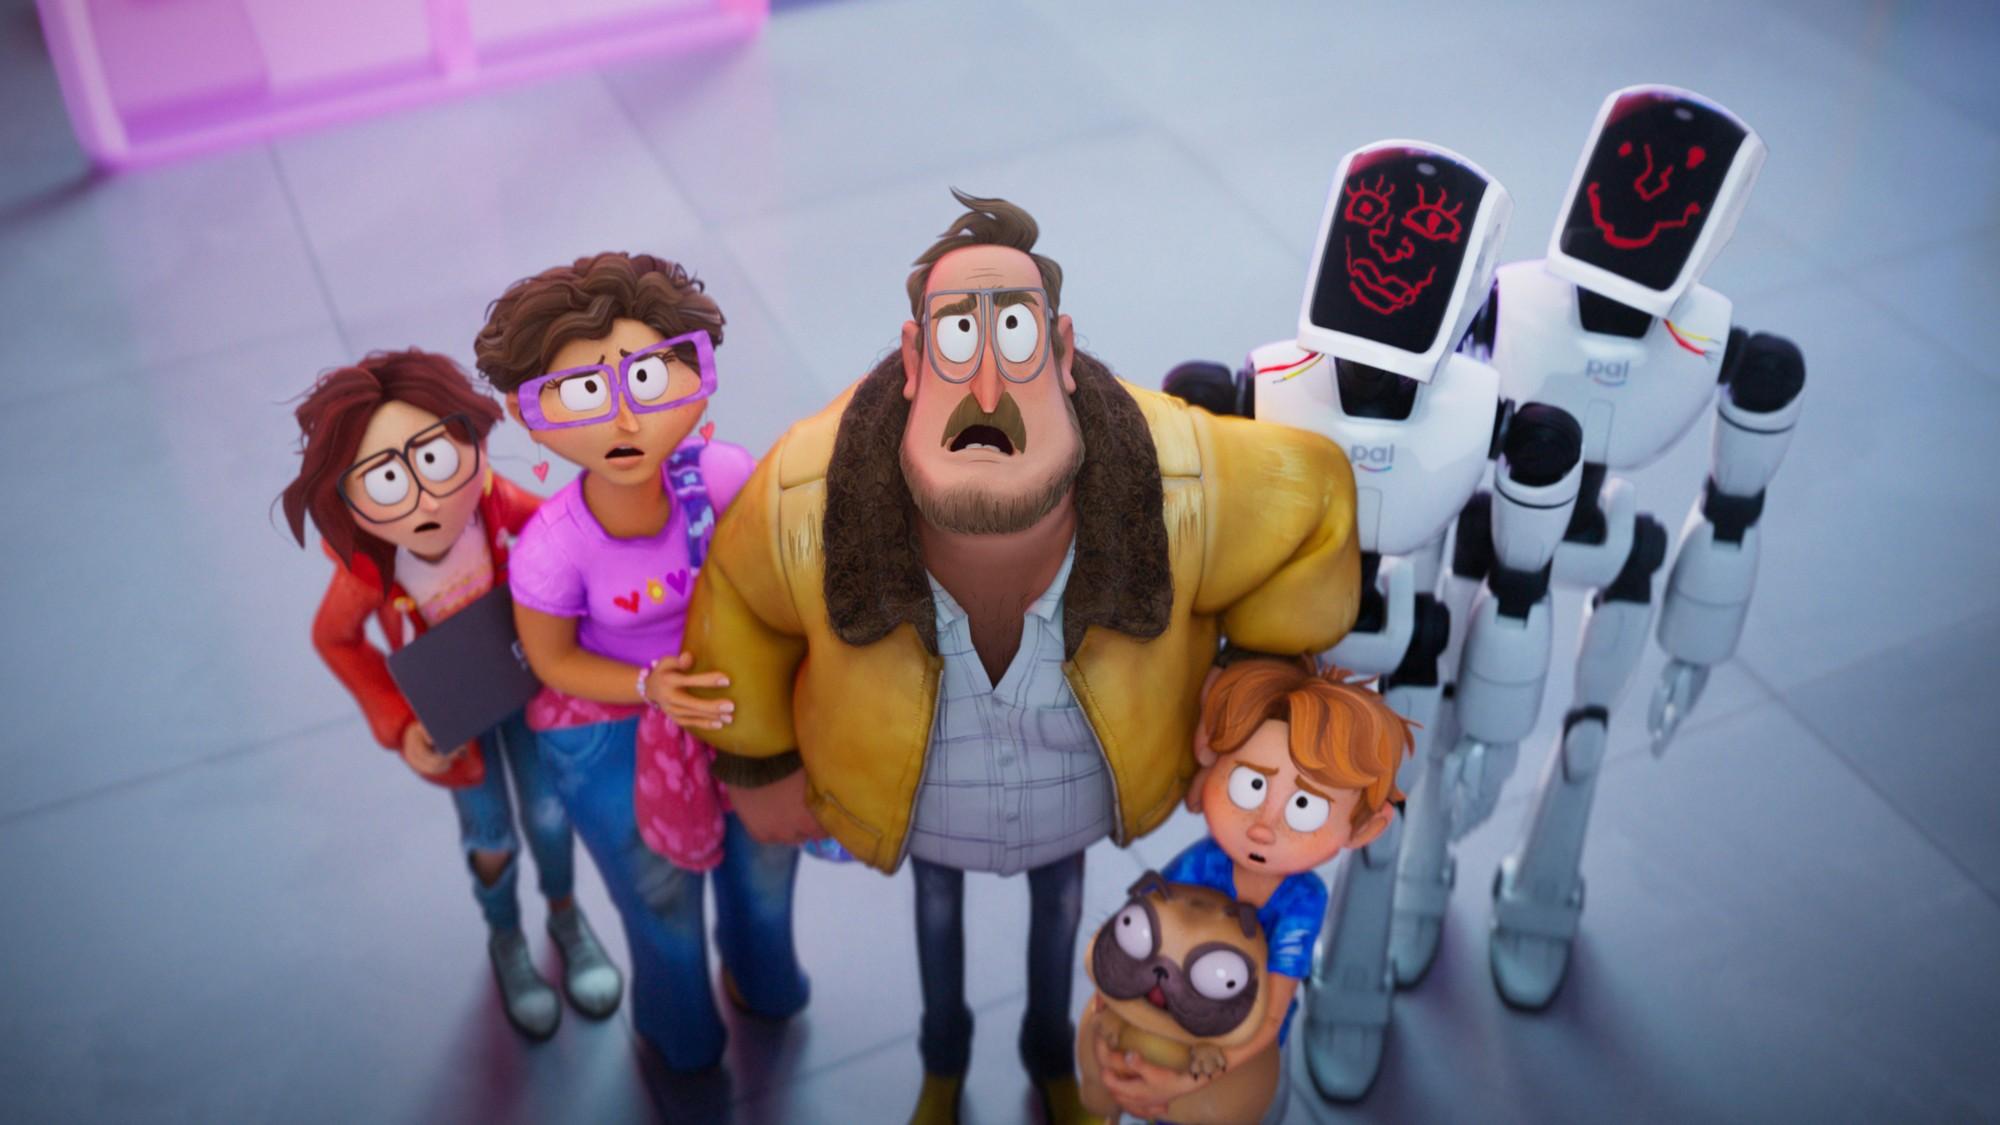 «Митчеллы против машин» стал самым популярным мультфильмом наNetflix вистории